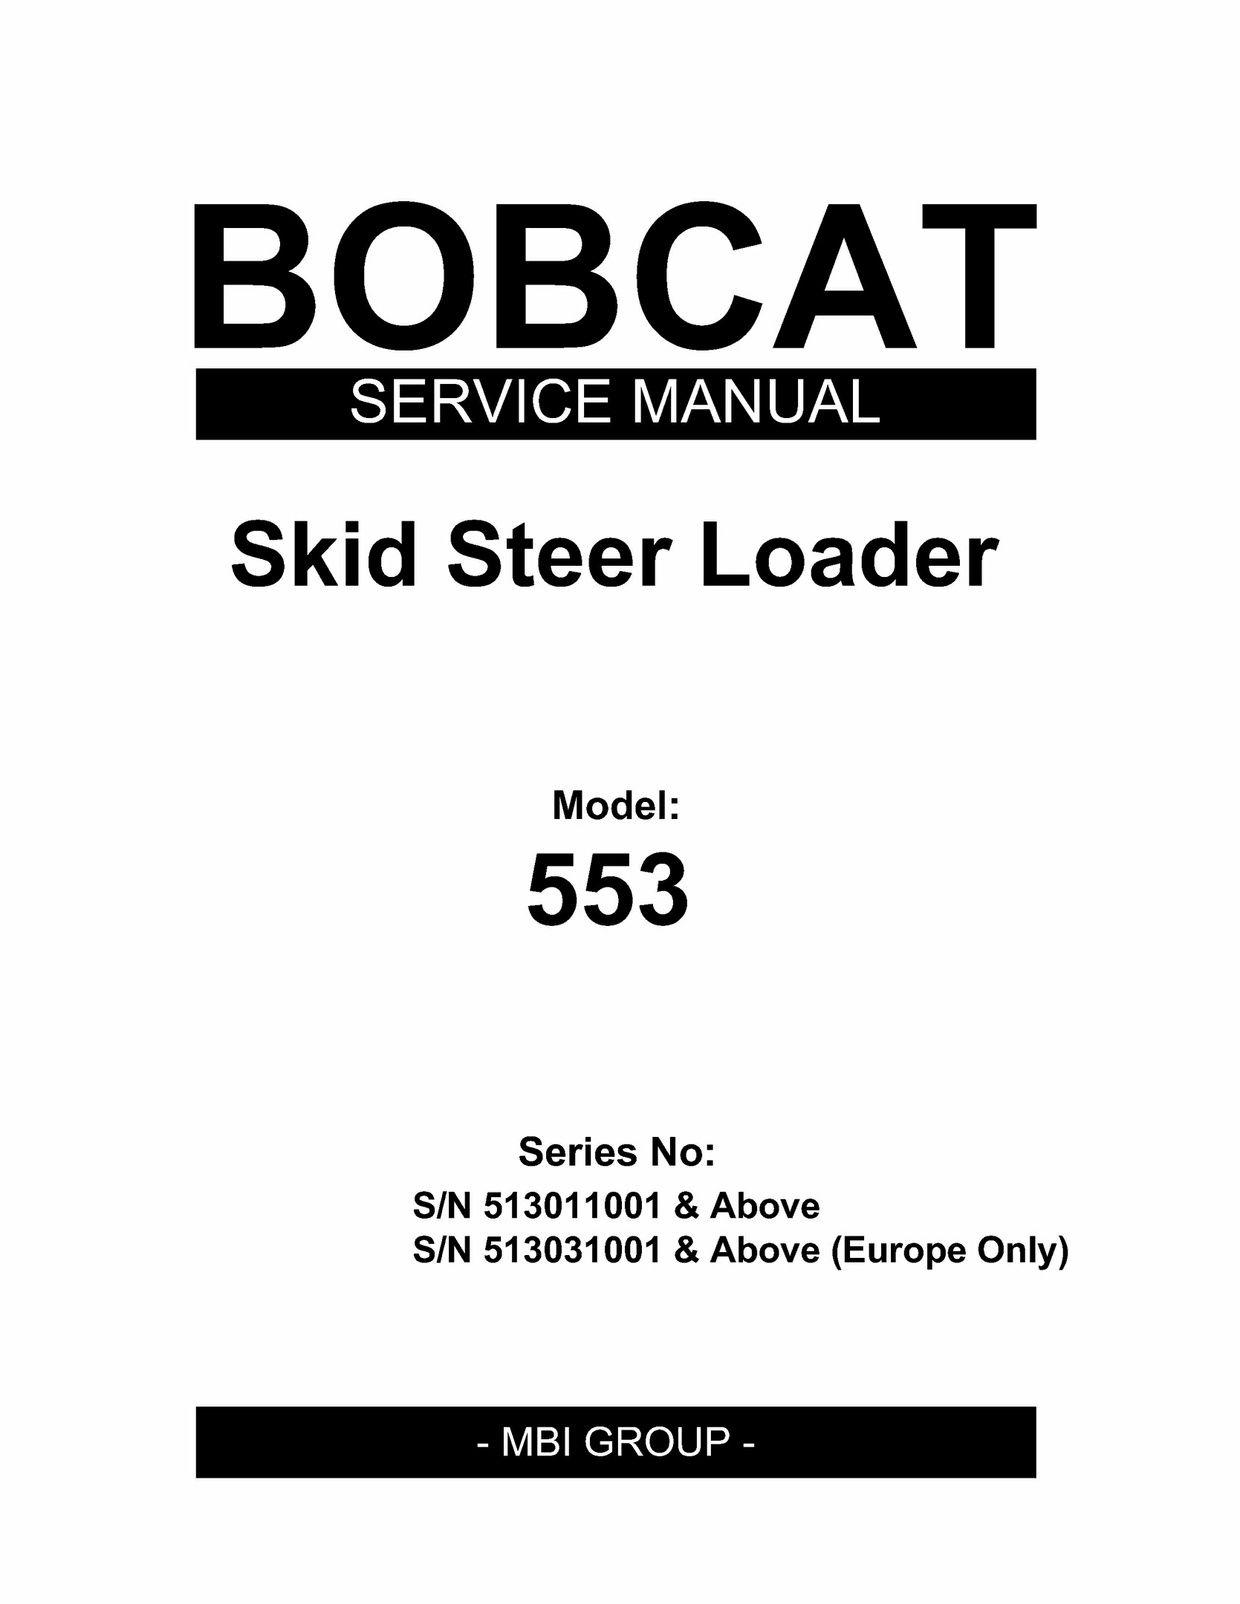 pdf download bobcat 553 skid steer loader service repair manual s n rh pinterest com bobcat 553 service manual free download bobcat 553 service manual free download